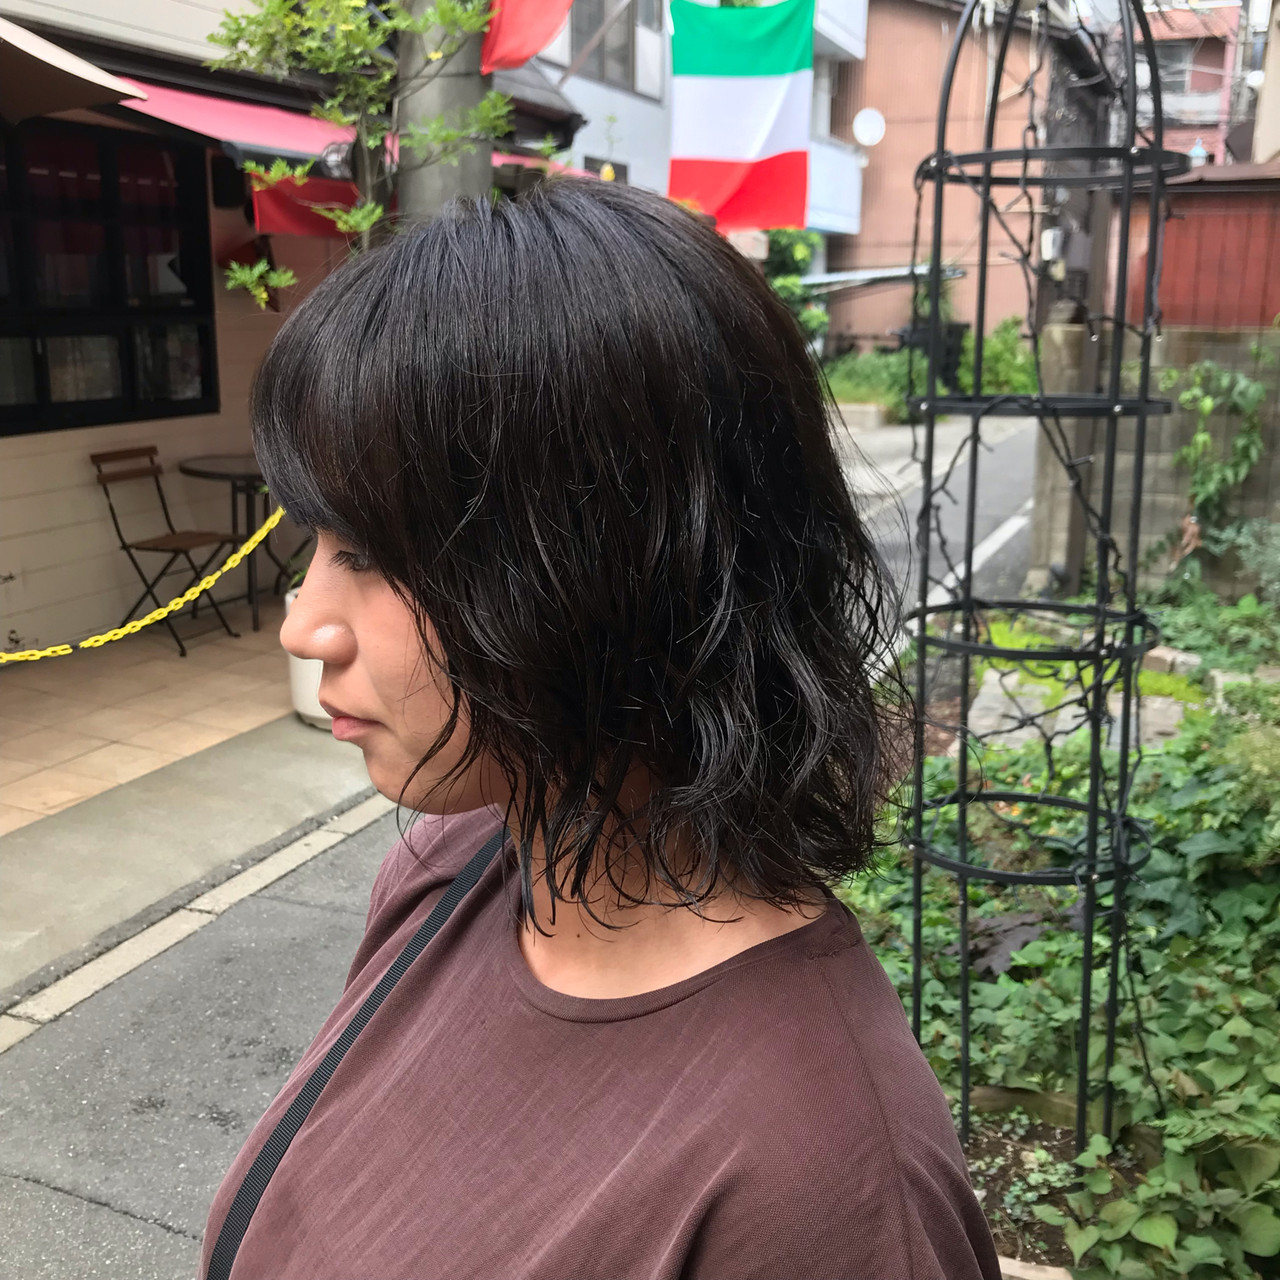 外ハネボブ 小顔ショート ボブ 切りっぱなしボブ ヘアスタイルや髪型の写真・画像